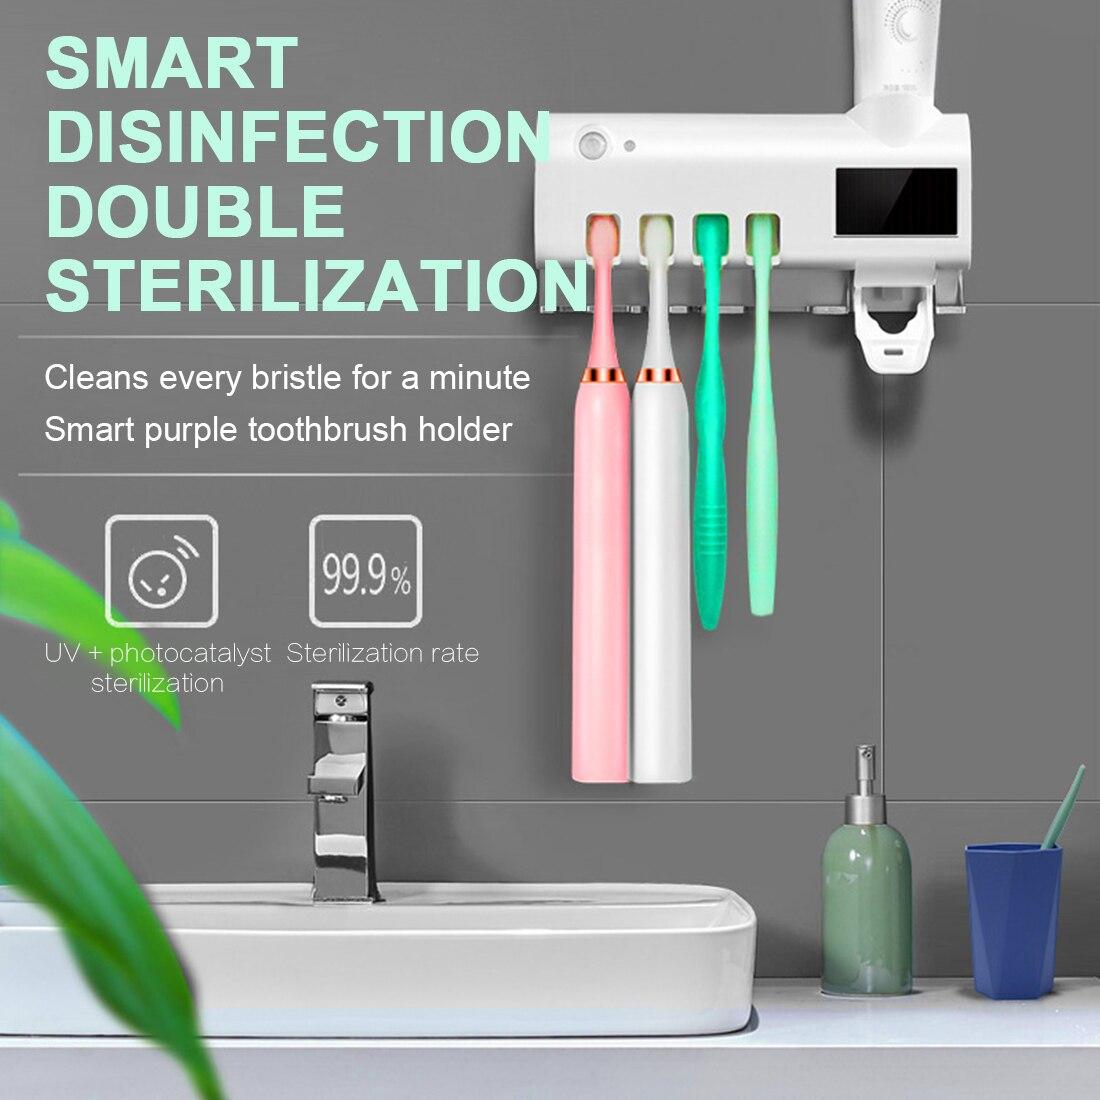 Soporte para cepillo de dientes 3 en 1 antibacterial UV dispensador automático de pasta de dientes esterilizar el limpiador del hogar esterilizar los accesorios del baño Soporte de linterna para casco táctico, Stents de linterna negra para escalada al aire libre, F2, accesorios para casco, soporte para linterna